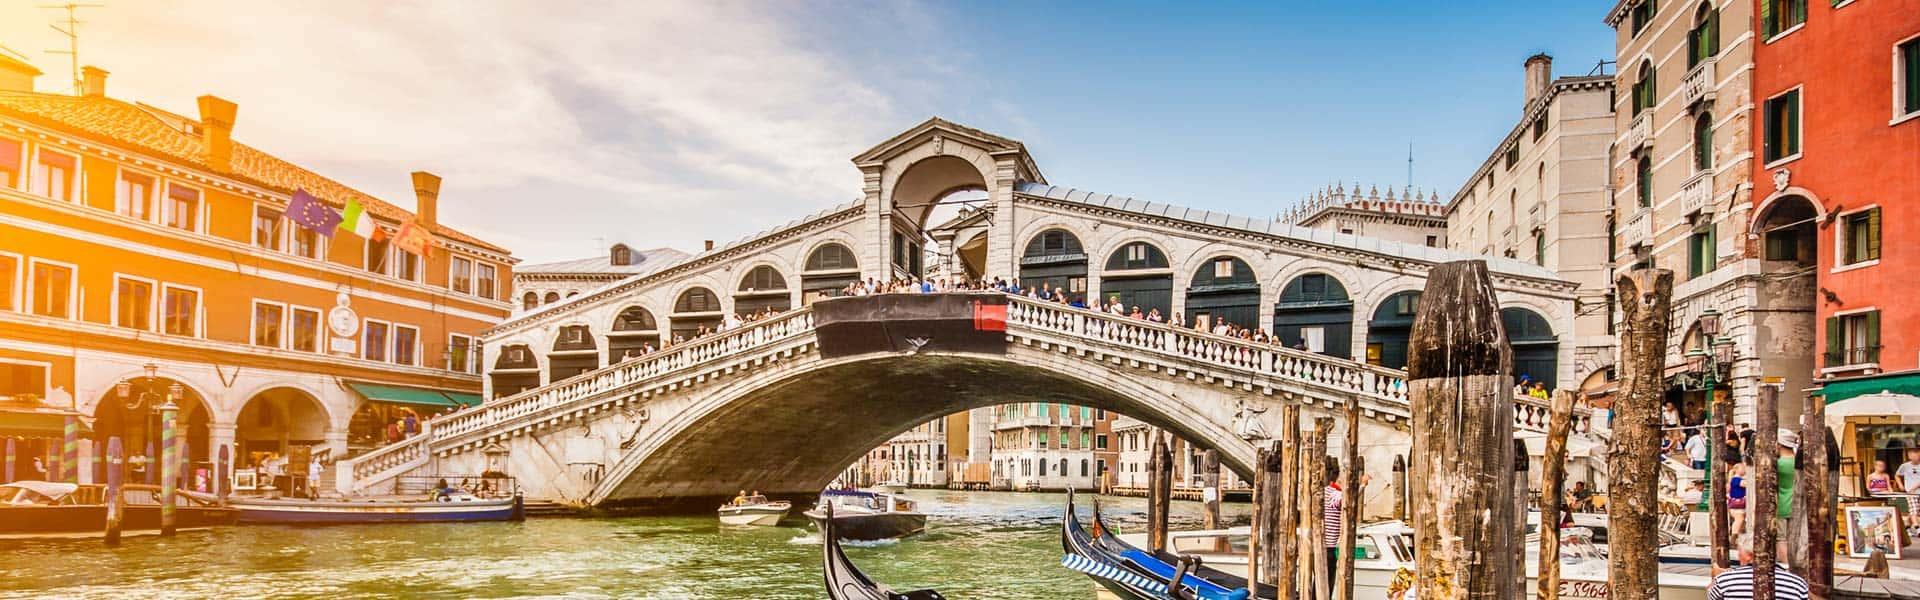 Italienische Geschichte erleben: die Rialtobrücke in Venedig